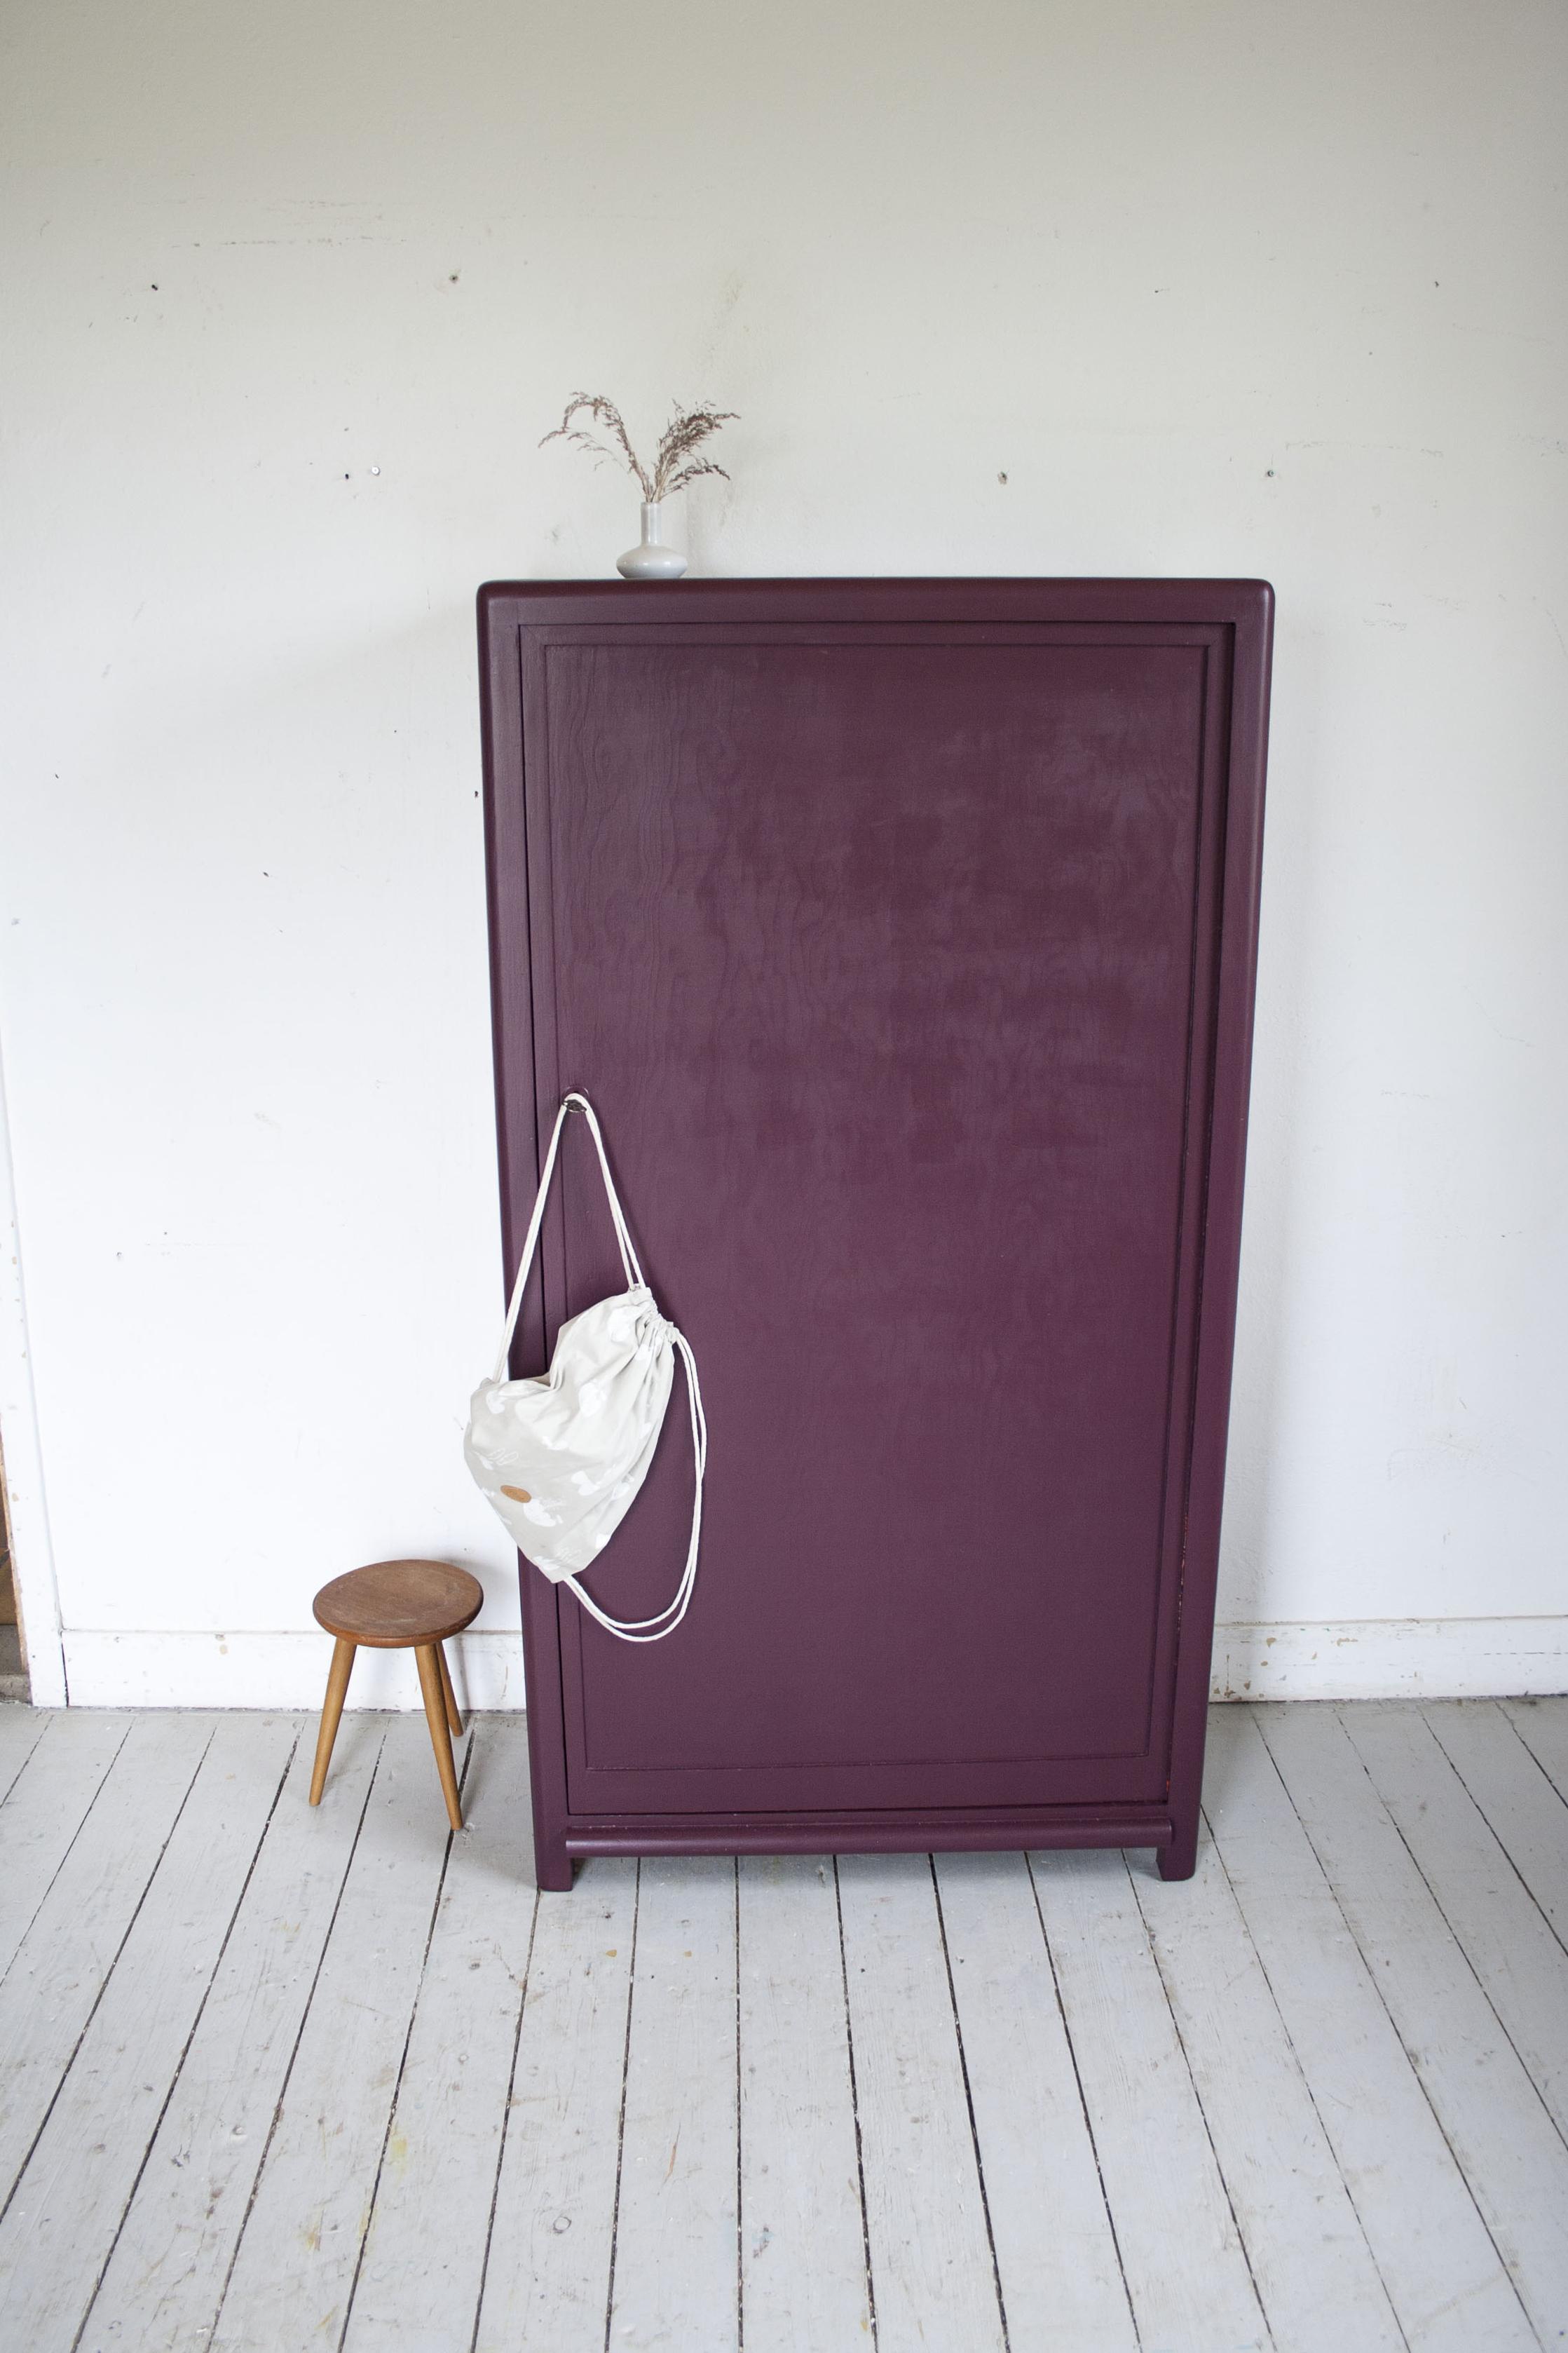 _Aubergine rode kast 1 deur- Firma Zoethout.jpg